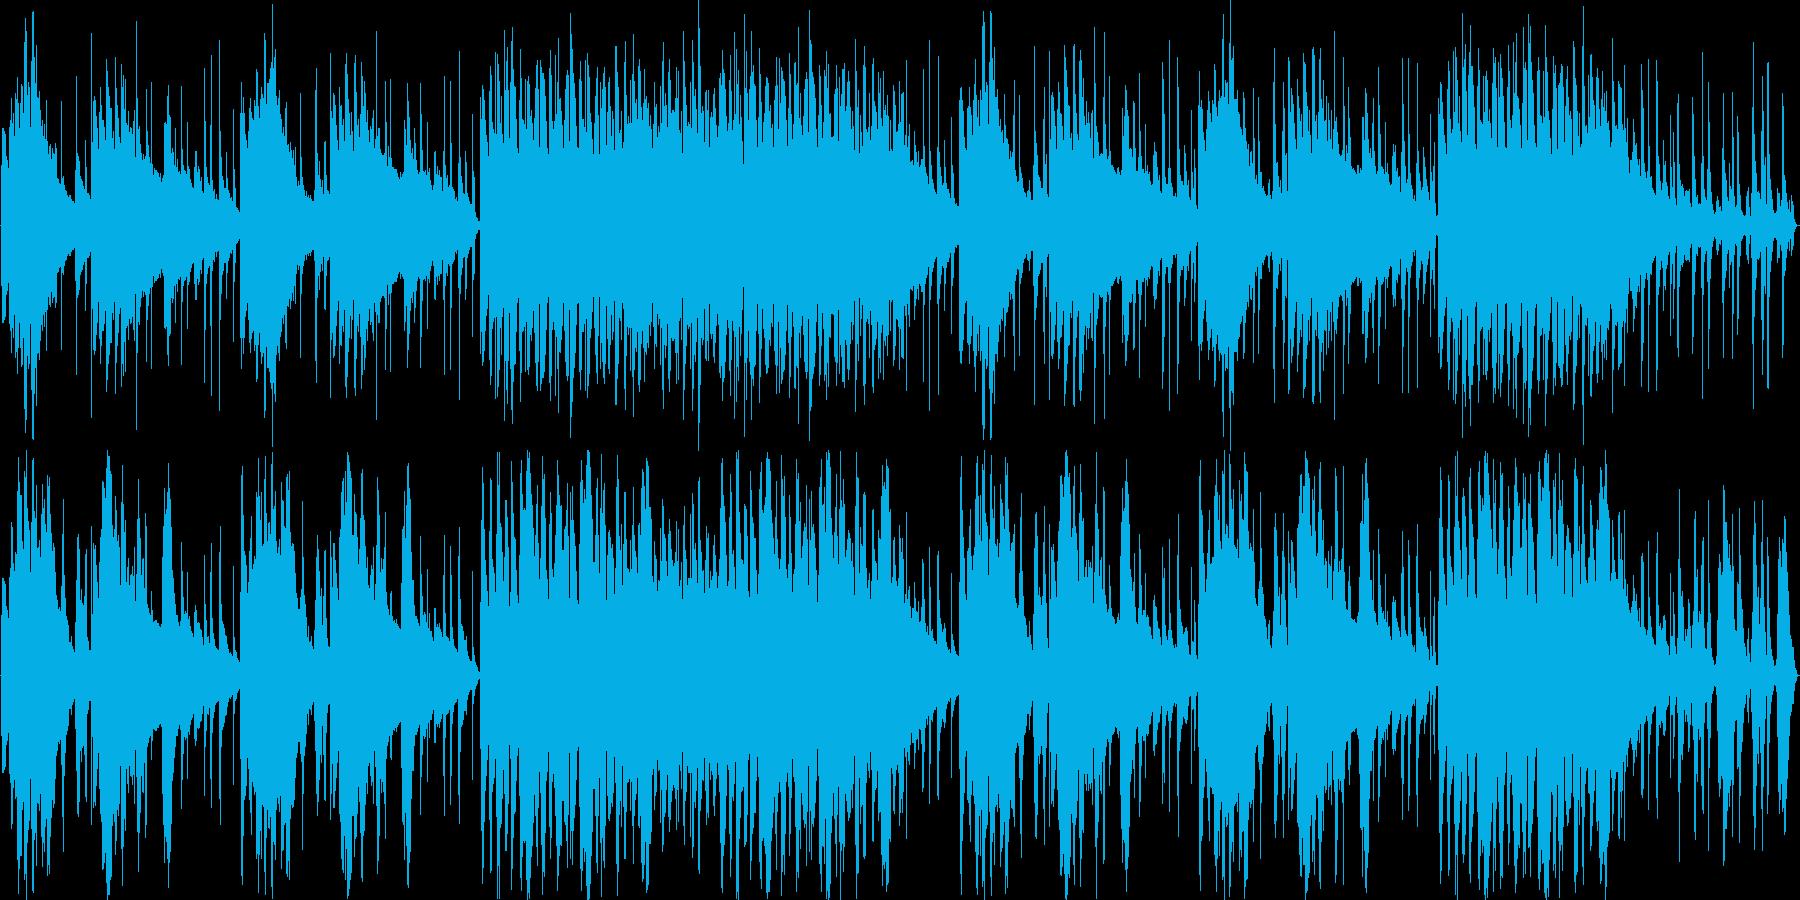 中近東民族楽器BGMの再生済みの波形